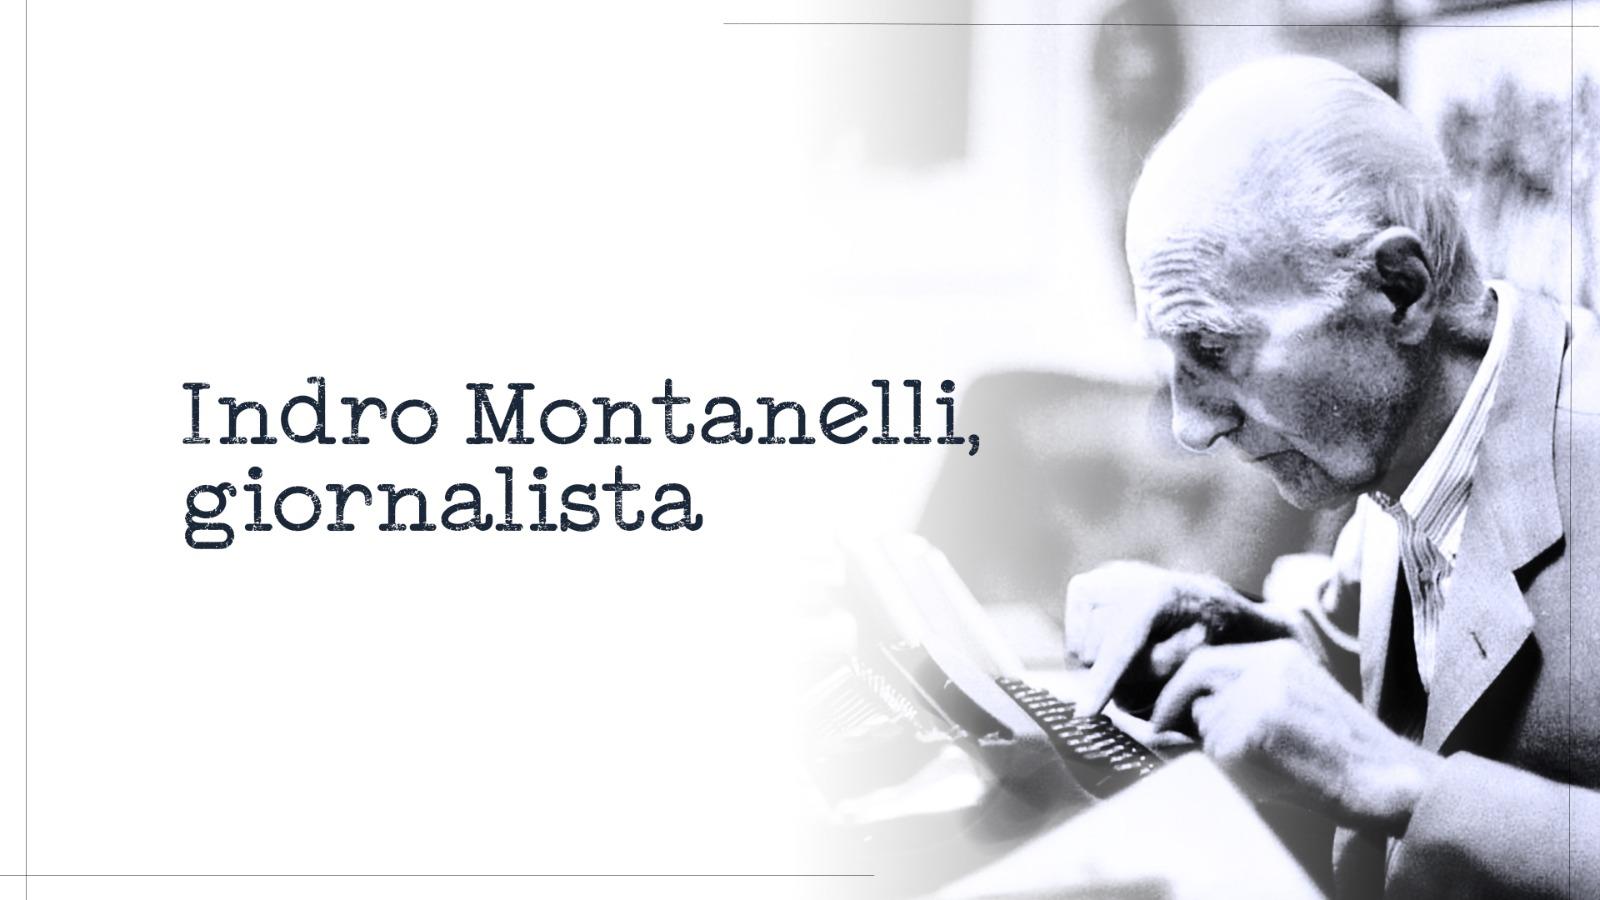 Confronto a più voci su Indro Montanelli